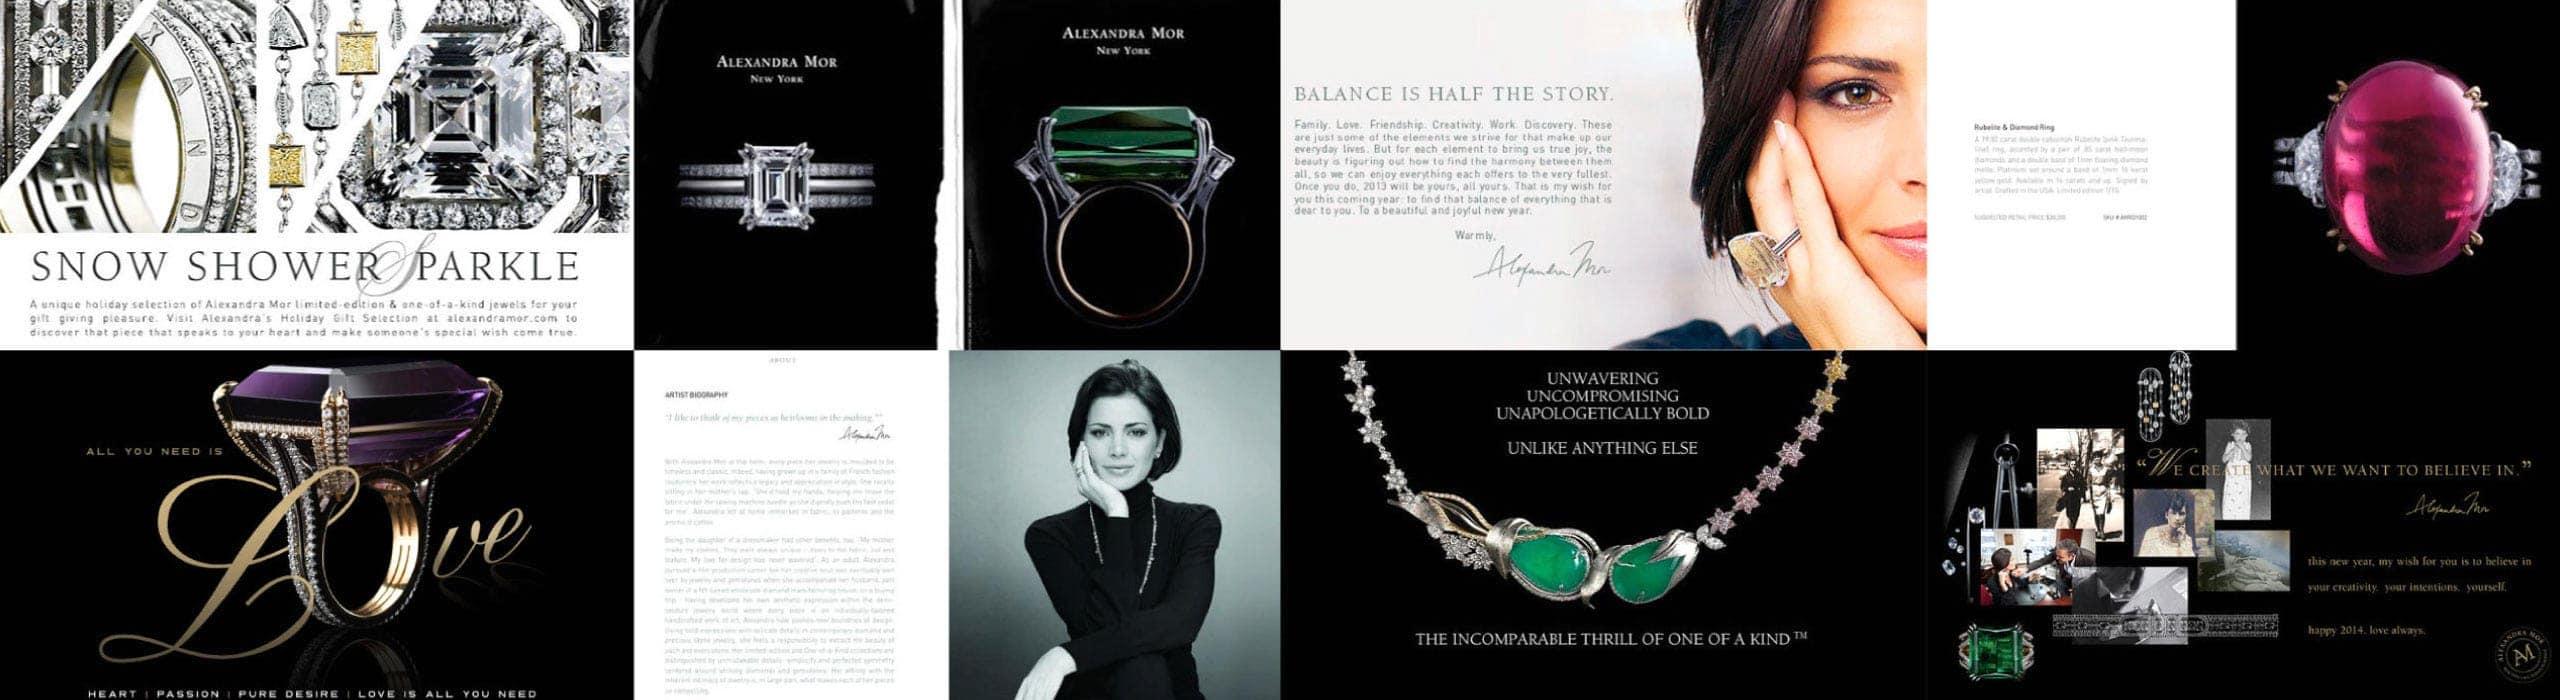 Alexandra Mor - natie-alexandra-mor-ads-collage - Natie Branding Agency